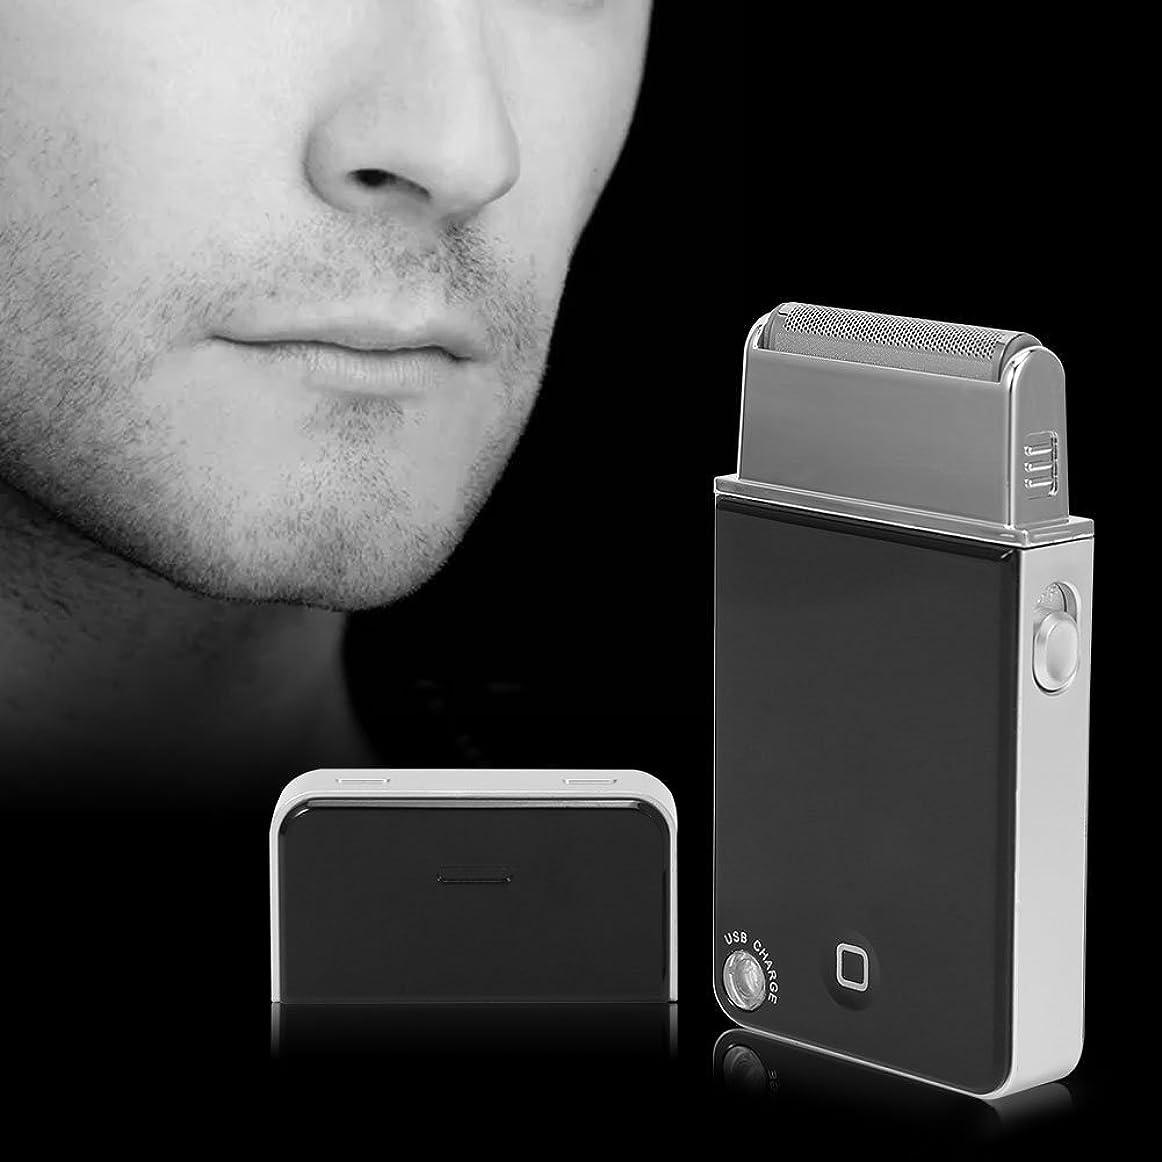 ヶ月目マーキング確実メンズ電気超薄型シェーバー 充電式 洗濯可能な湿式/ドライカミソリフェイシャルケア ビアトリムUSB充電器